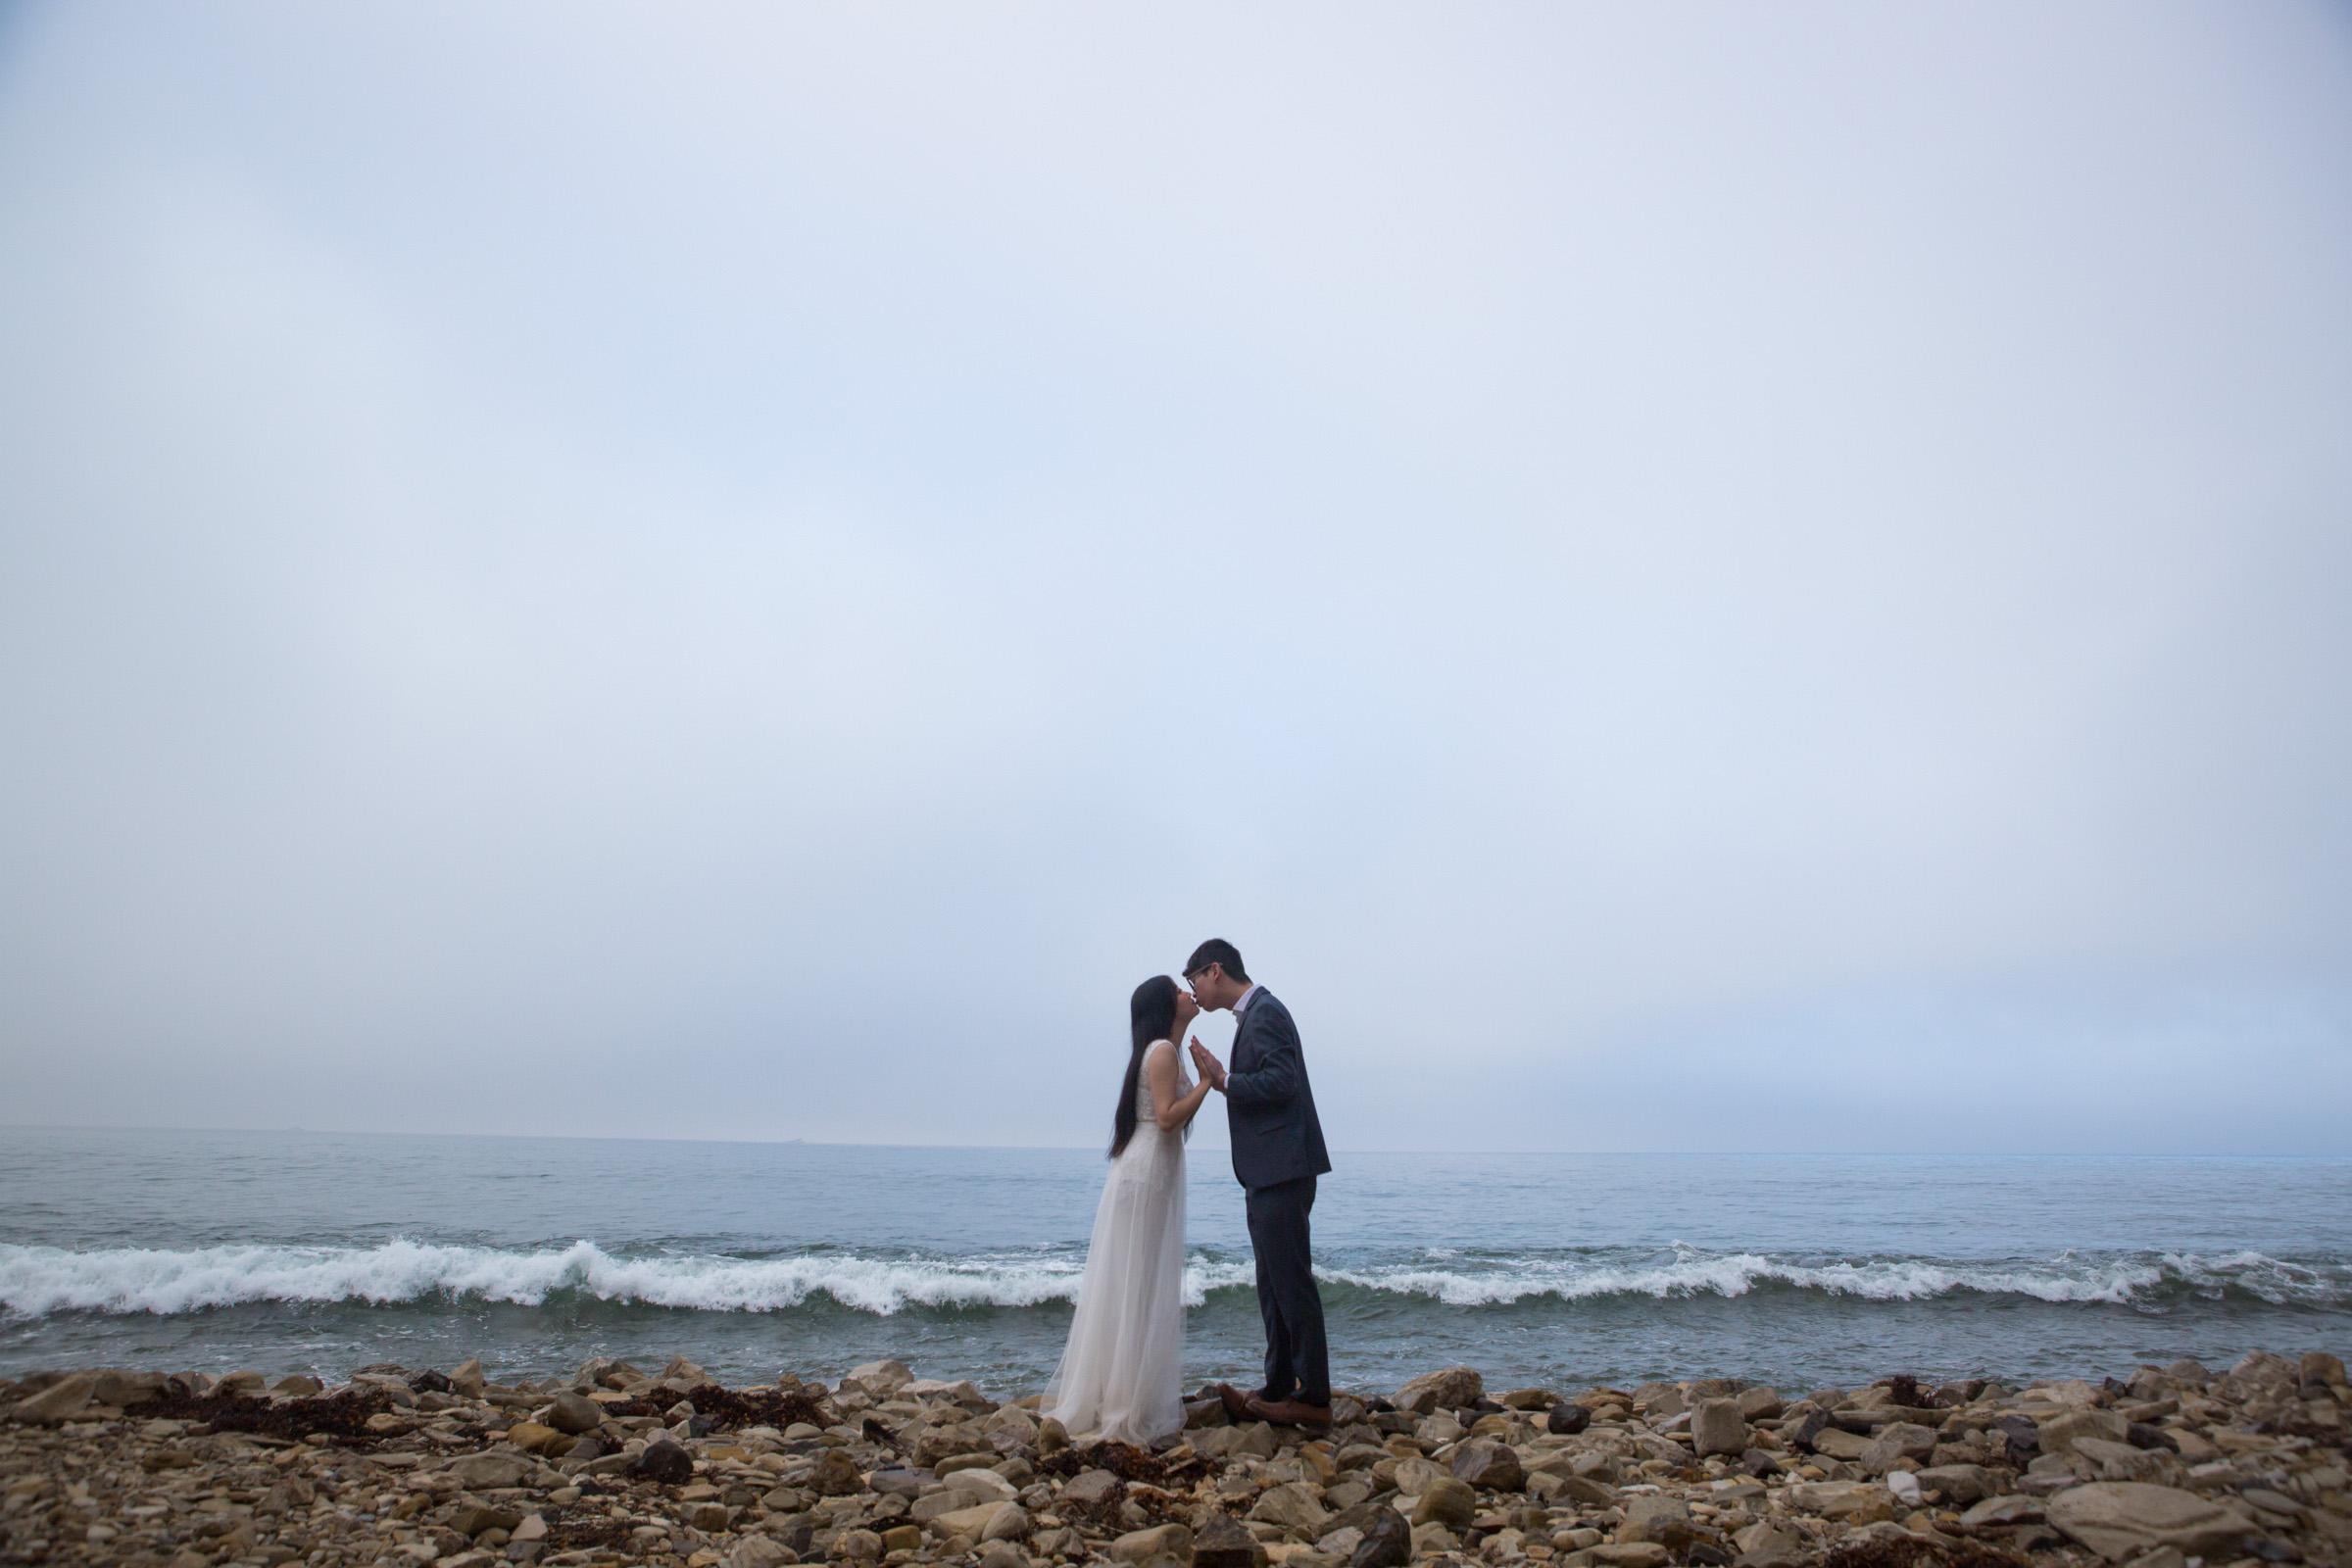 051-2018-Abalone-Engaged.jpg